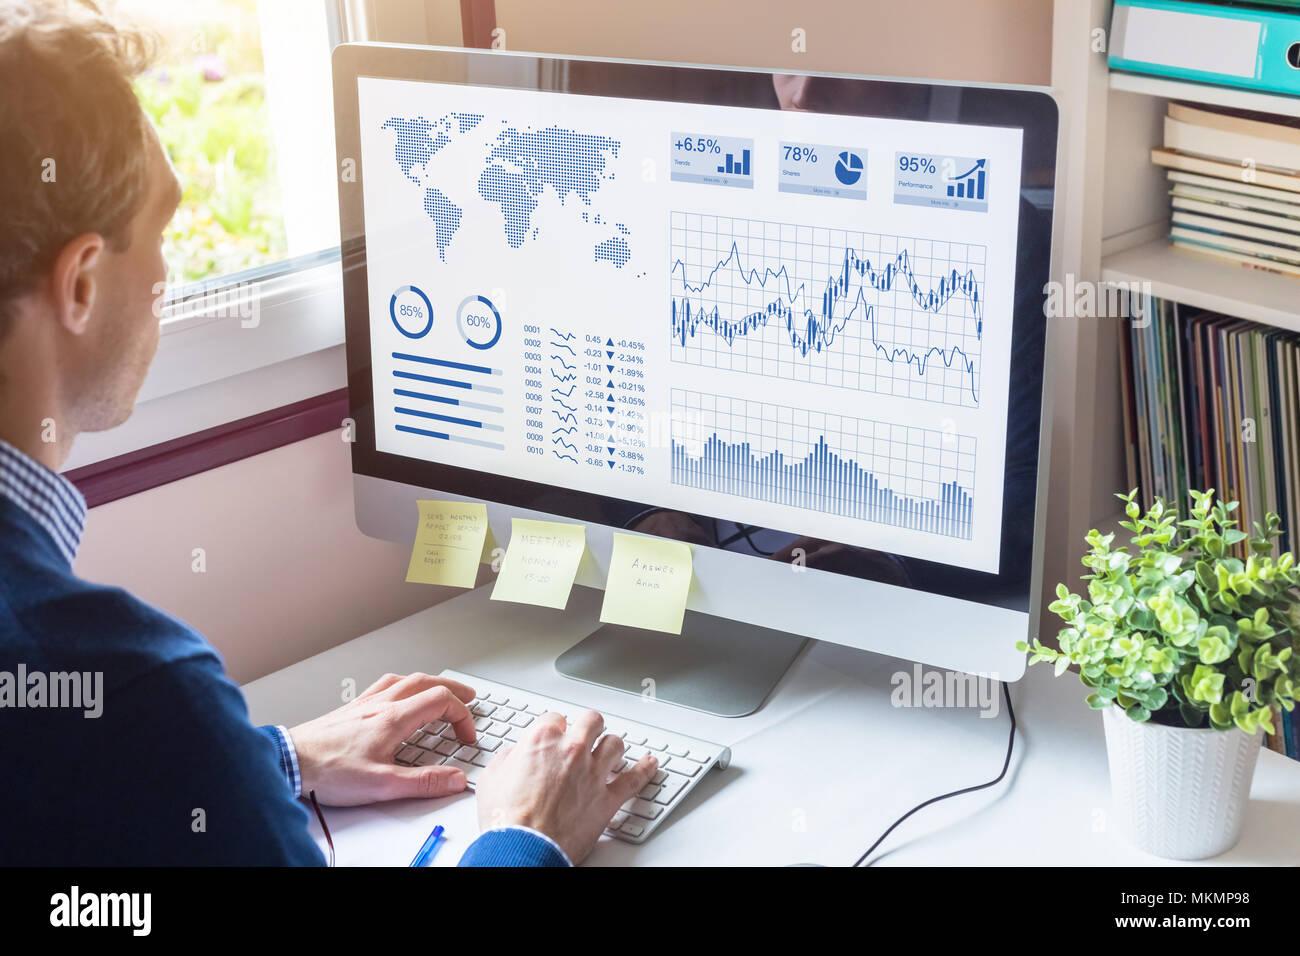 Imprenditore analisi di Business Analytics (BA) o Intelligence (BI) Cruscotto con indicatori di prestazioni chiave (KPI) e metriche finanziarie a prendere inves Immagini Stock